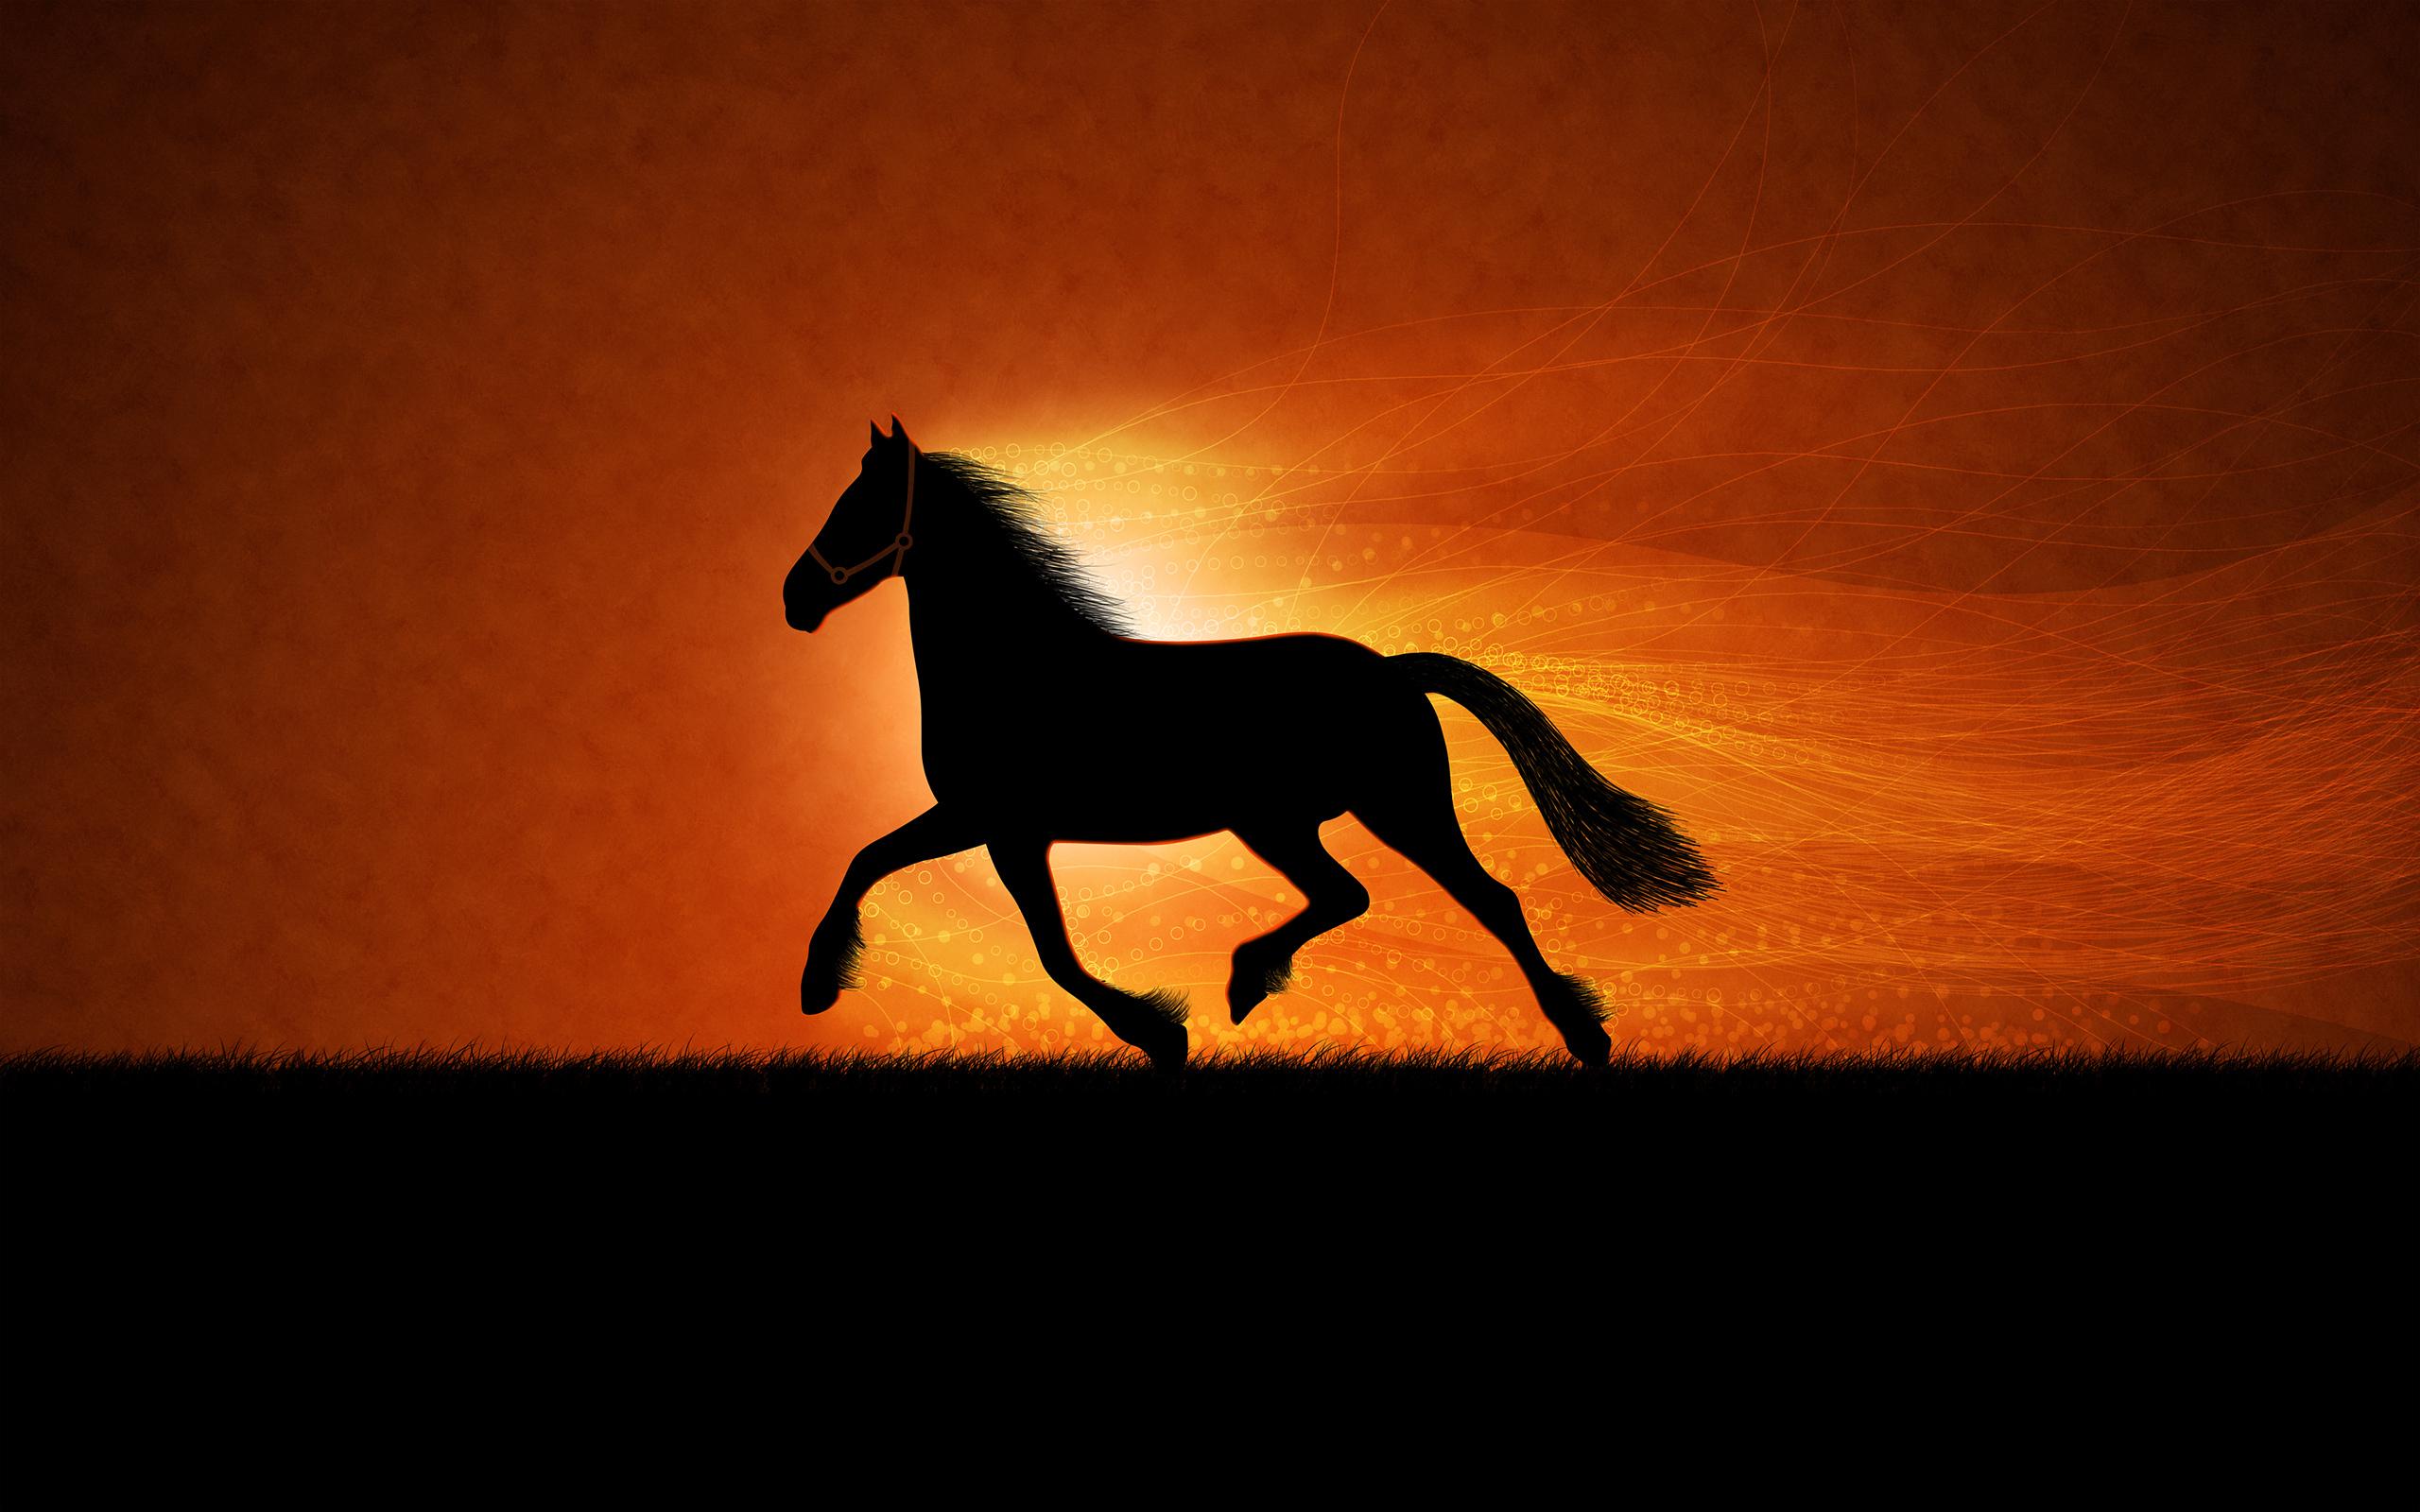 рисунок графика лошадь природа животные figure graphics horse nature animals  № 3925682 без смс